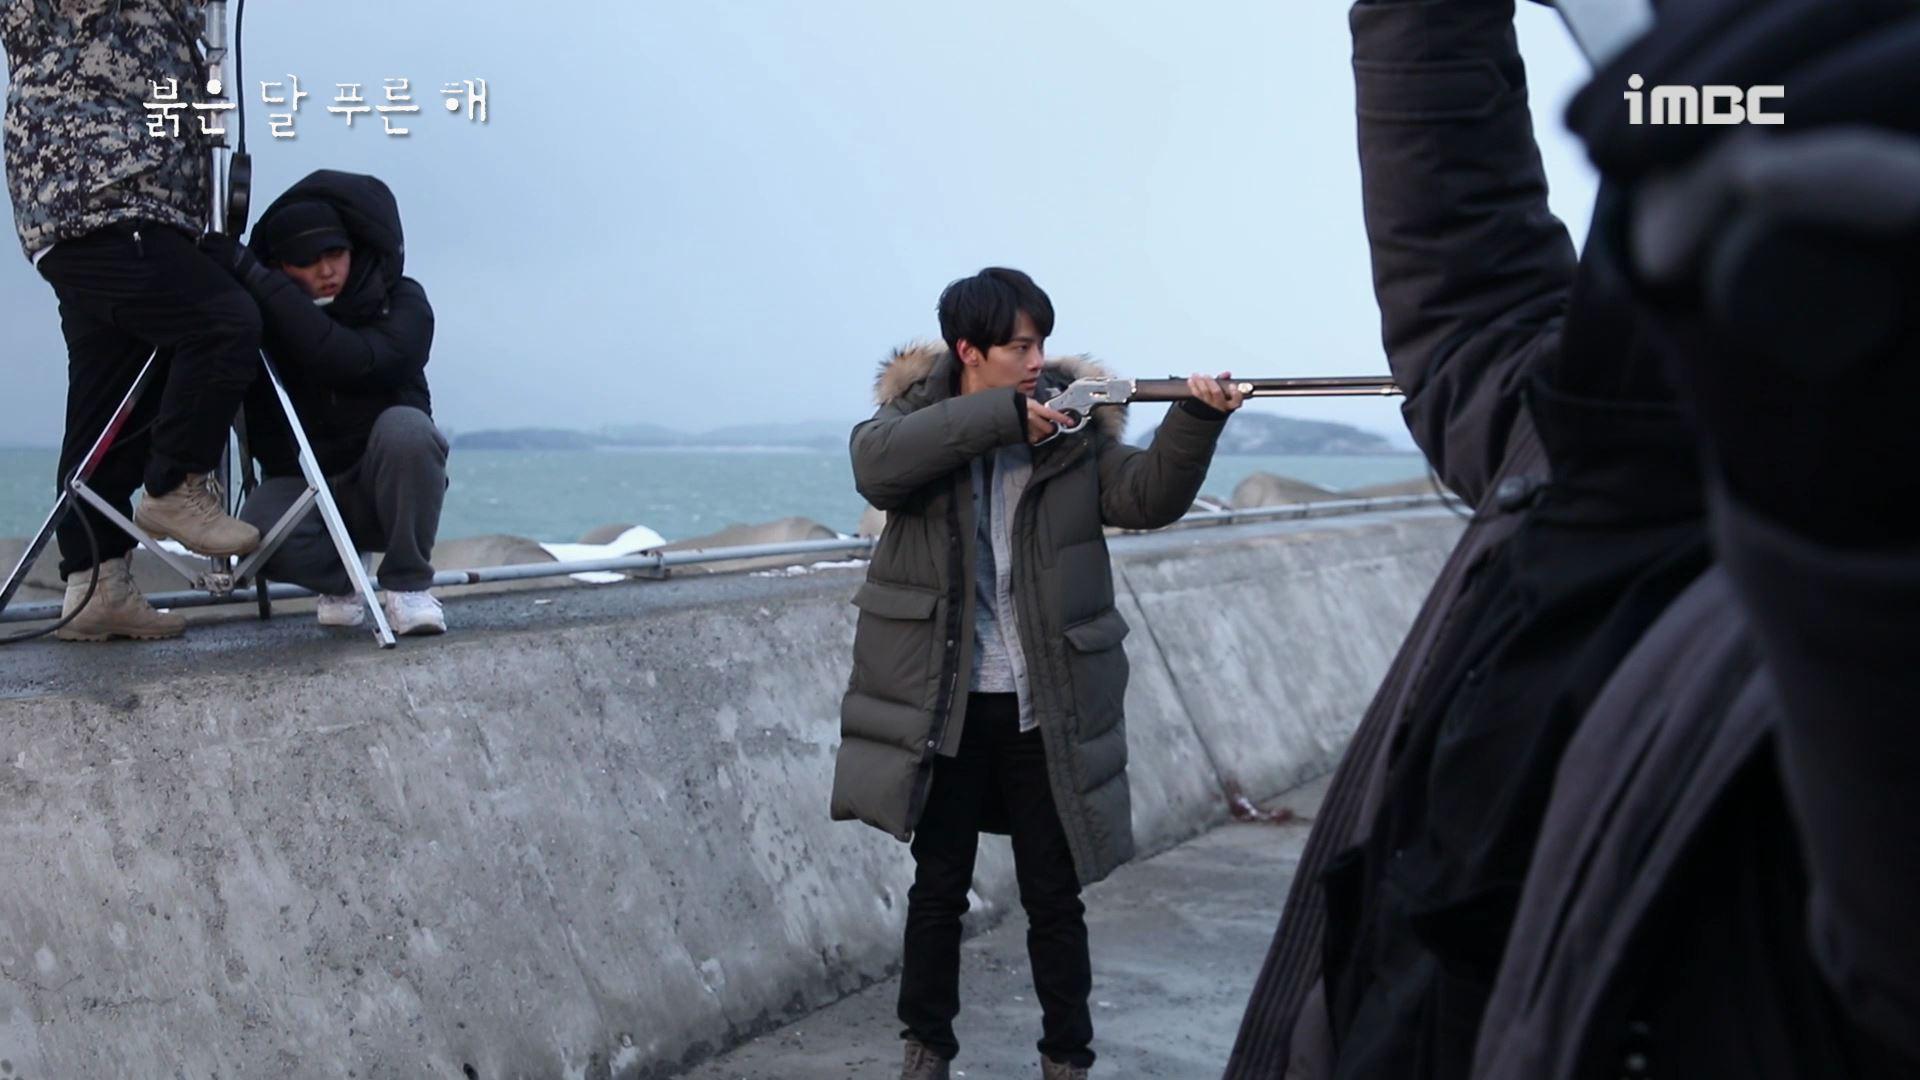 """[끝터뷰] '붉은 달 푸른 해' 차학연, """"마음 아팠고, 진심으로 연기했다"""" 마지막 인사"""